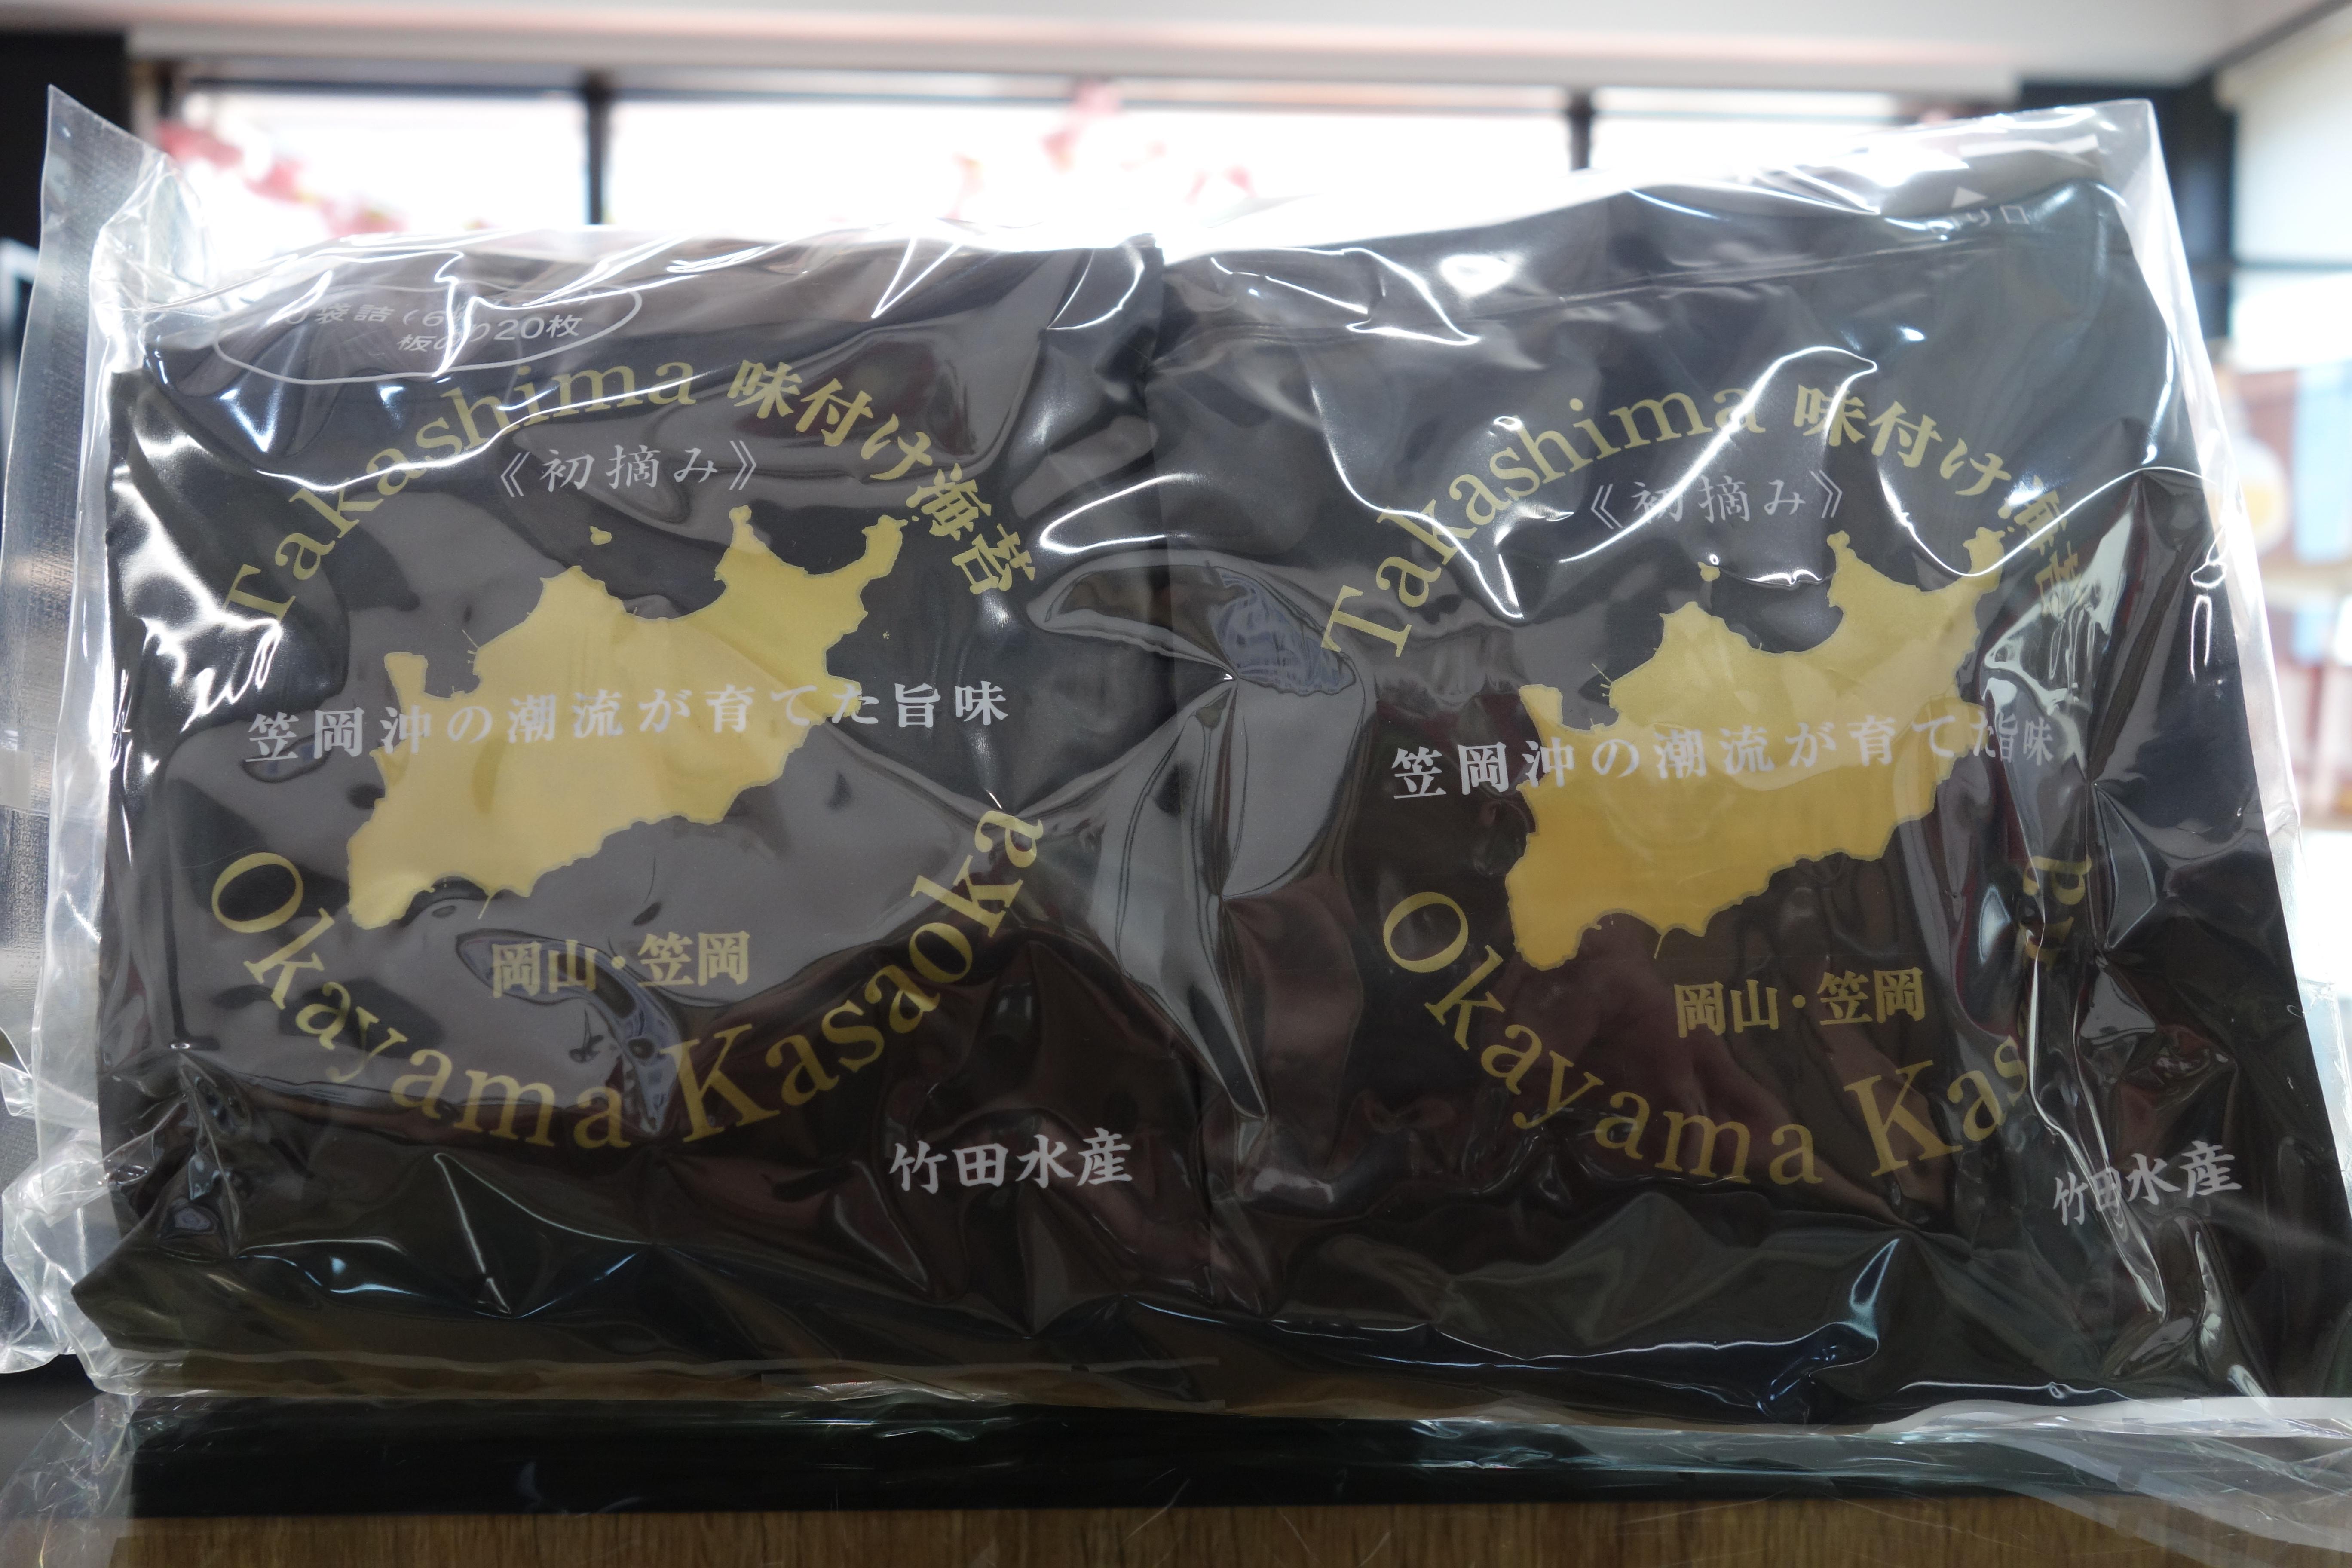 味附のり(高島特産)10袋入り